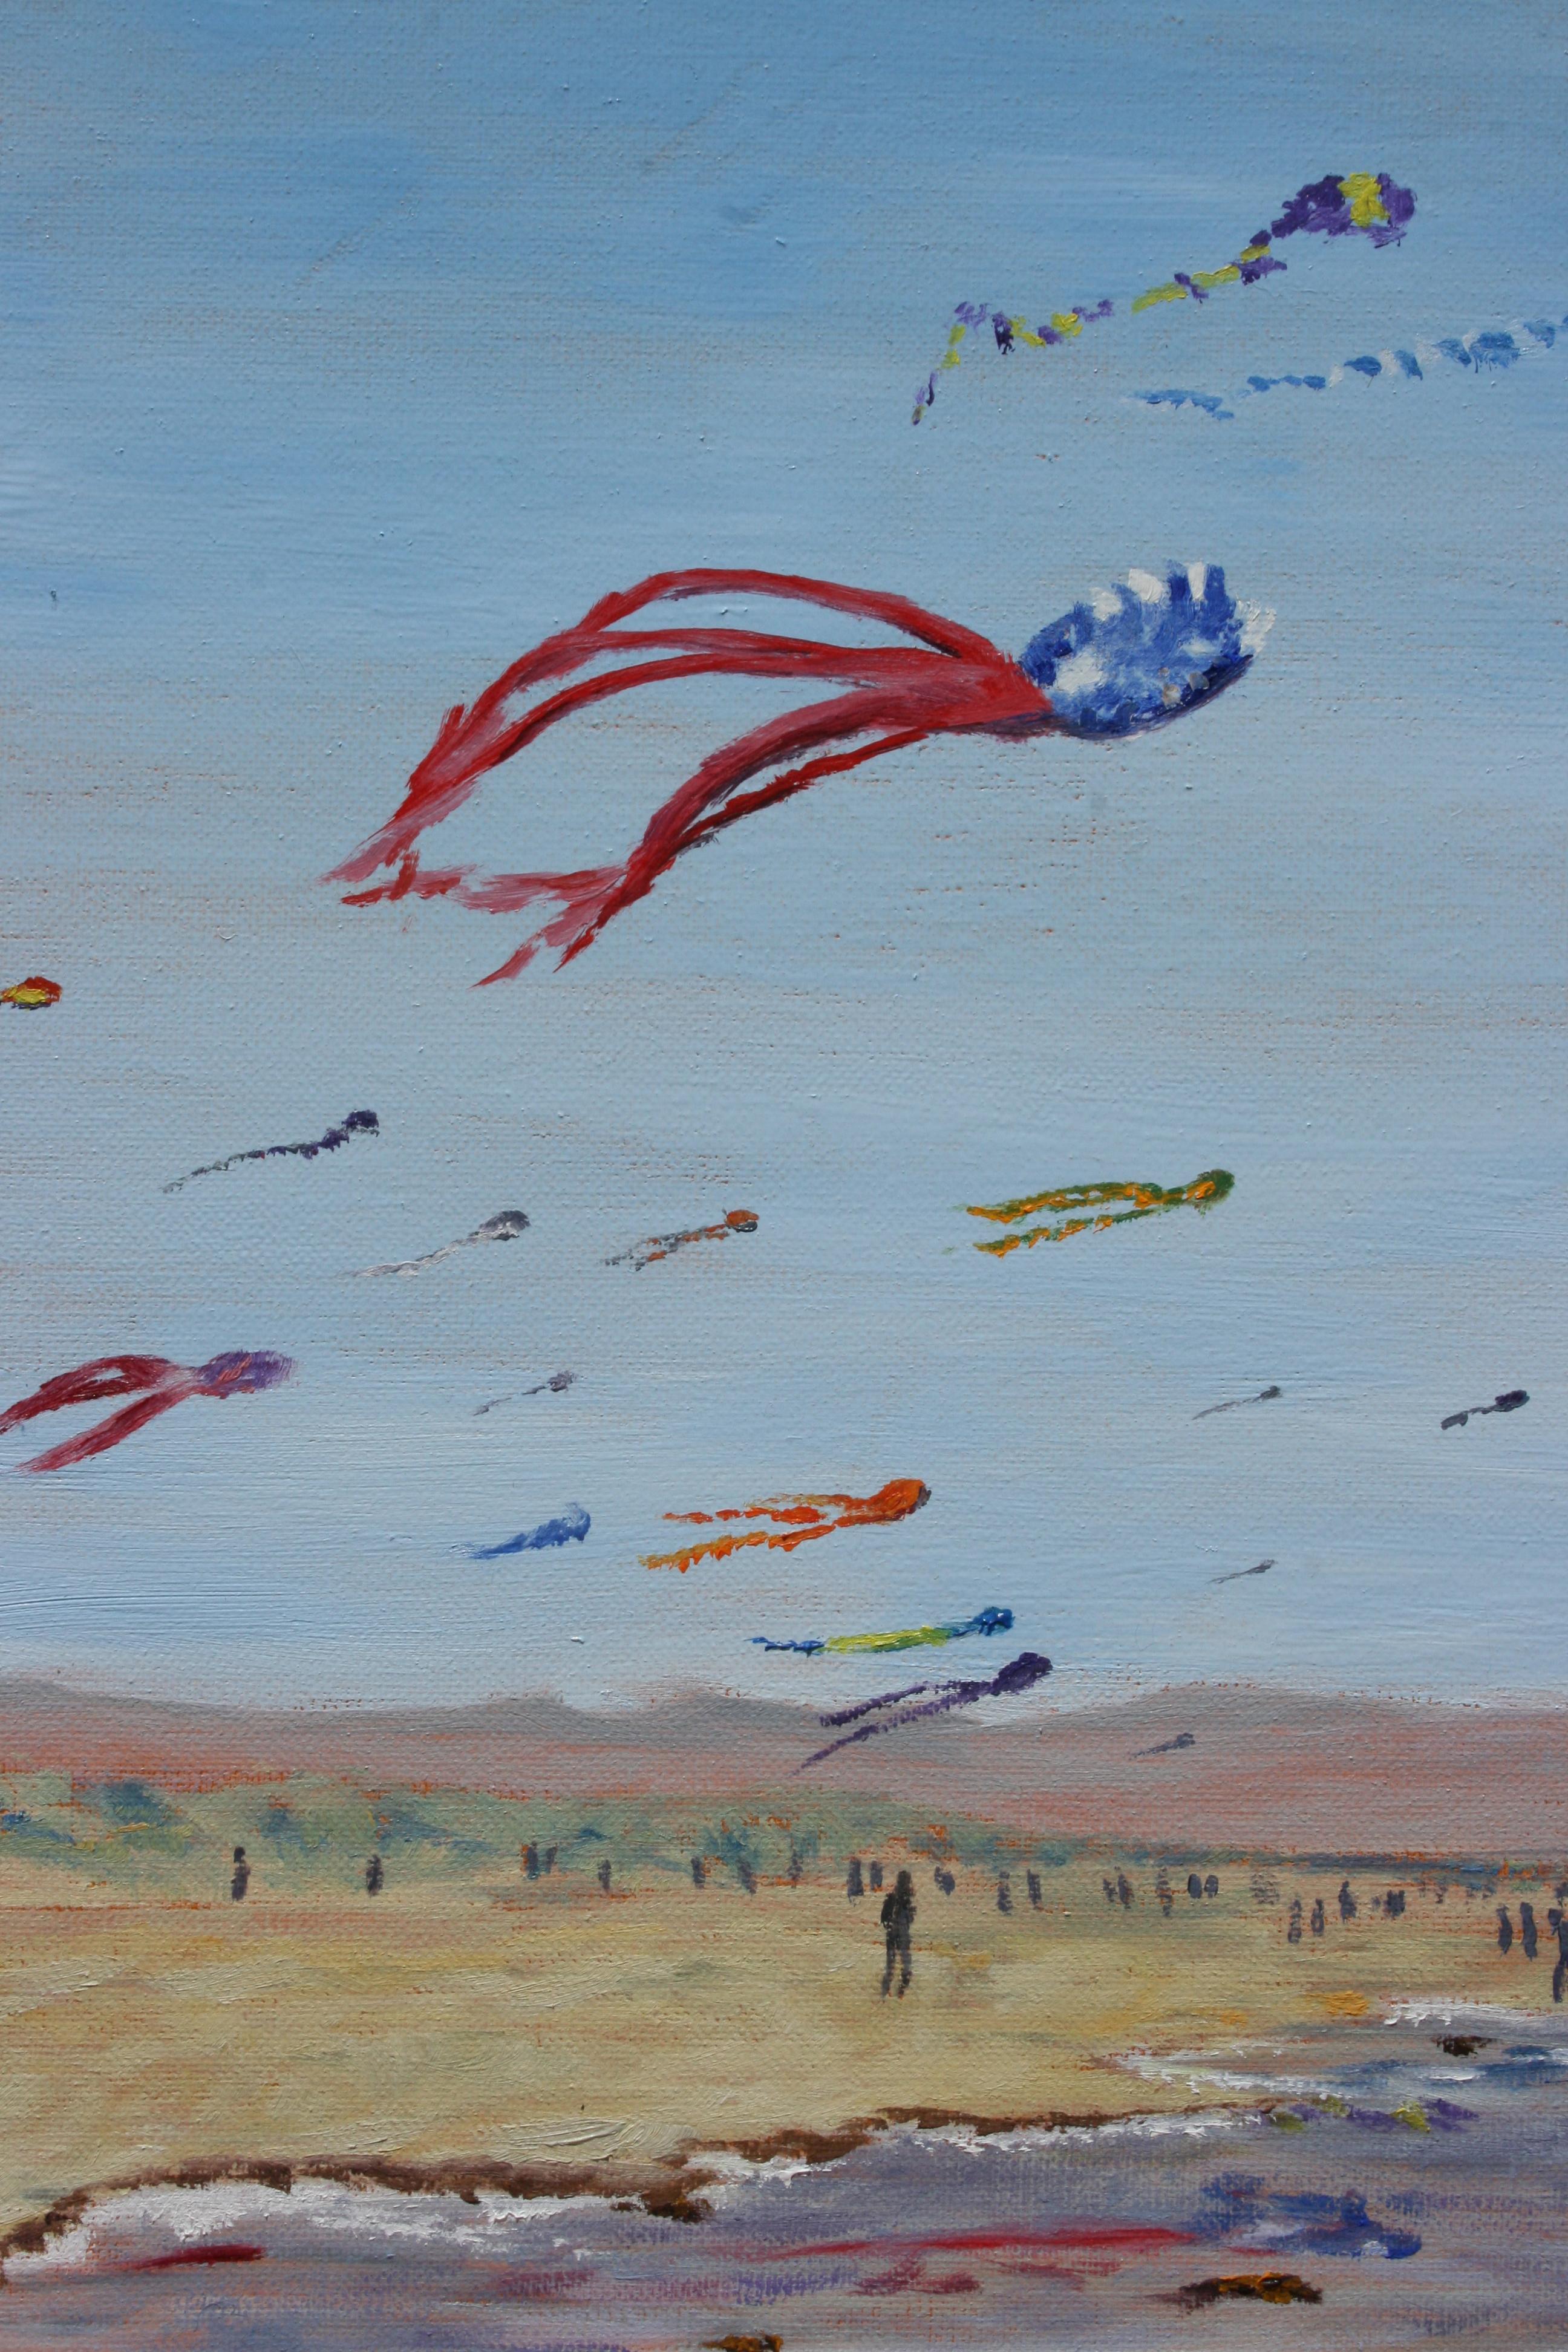 Kite Festival (detail)